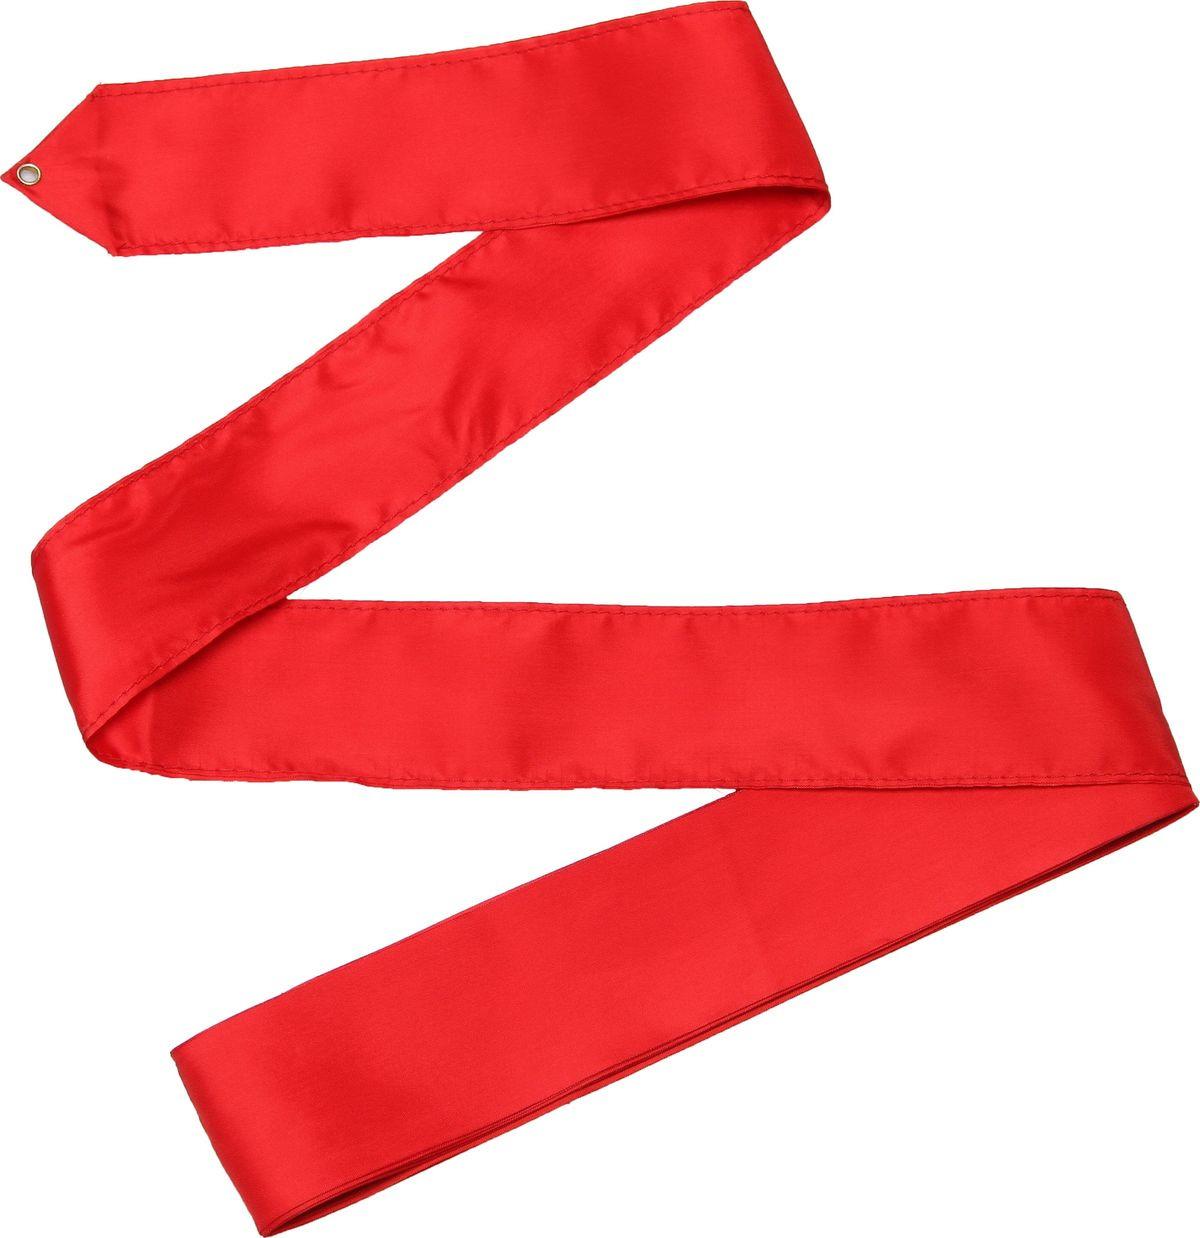 Лента гимнастическая Indigo, без палочки, цвет: красный, длина 4 мСЕ2-05Лента гимнастическая для занятий художественной гимнастикой будет хорошим выбором для тех, кто профессионально занимается танцами или художественной гимнастикой. Упражнения с лентой гимнастической способствуют развитию подвижности в суставах и силы мышц плечевого пояса и рук, тонкой и сложной мышечной координации. Движения с лентой, выполняемые в сочетании с движениями тела, оказывают значительное физиологическое воздействие на организм в целом. Длина гимнастической ленты зависит от возраста спортсменки и ее уровня мастерства: лента гимнастки моложе 9 лет не превышает 4,0 метра; от 9 до 14 лет - 5 метров; старше 14 лет - 6 метров.